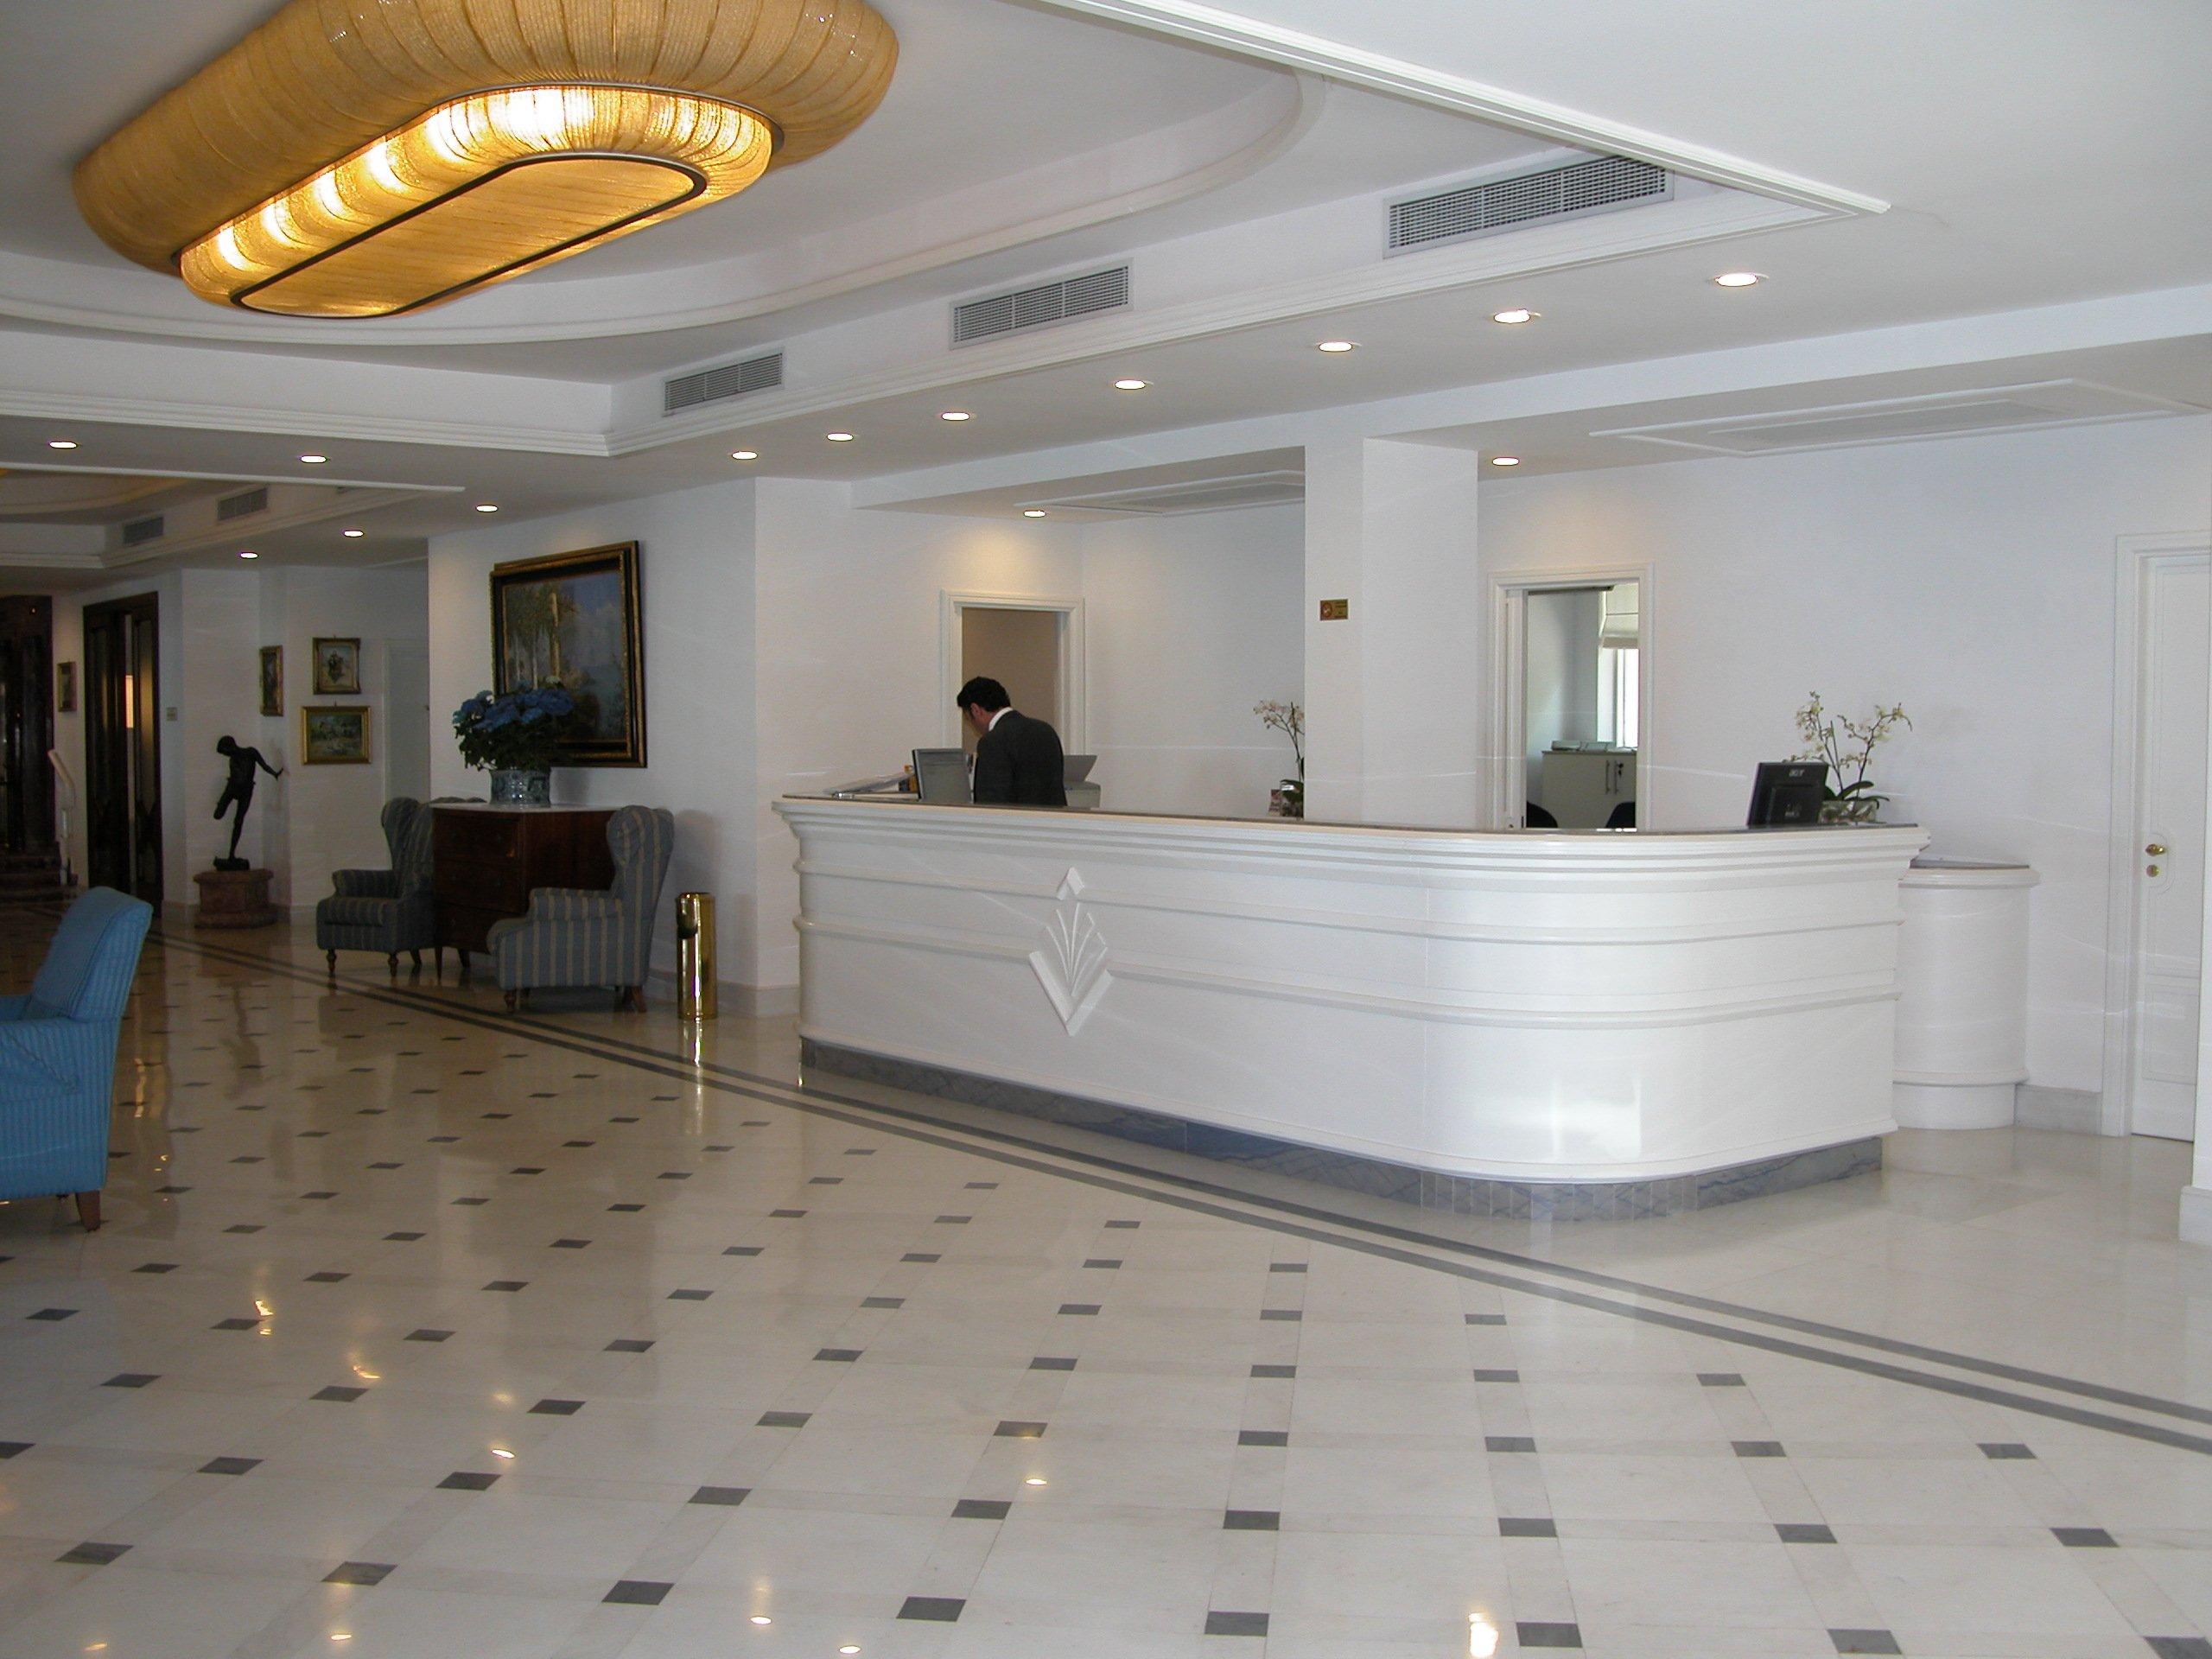 Reception di un hotel elegante di colore bianco con pavimento in marmo a scacchi, bancone con dietro il receptionist in primo piano